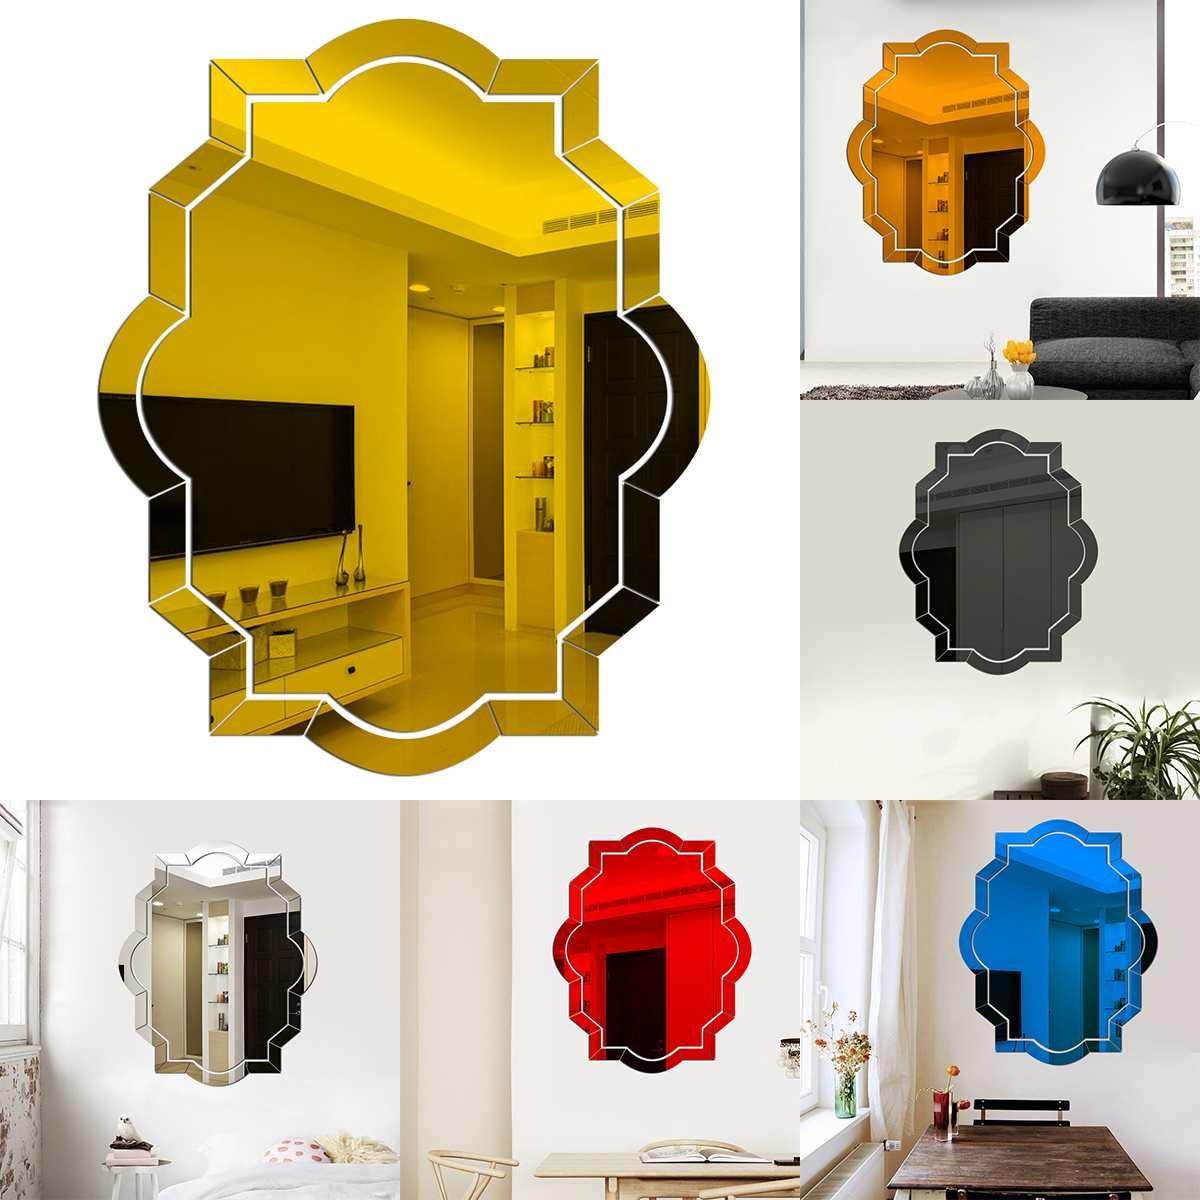 3d acrílico espelho adesivos de parede auto adesivo removível polígono folha espelho decorativo para casa sala estar quarto arte decoração